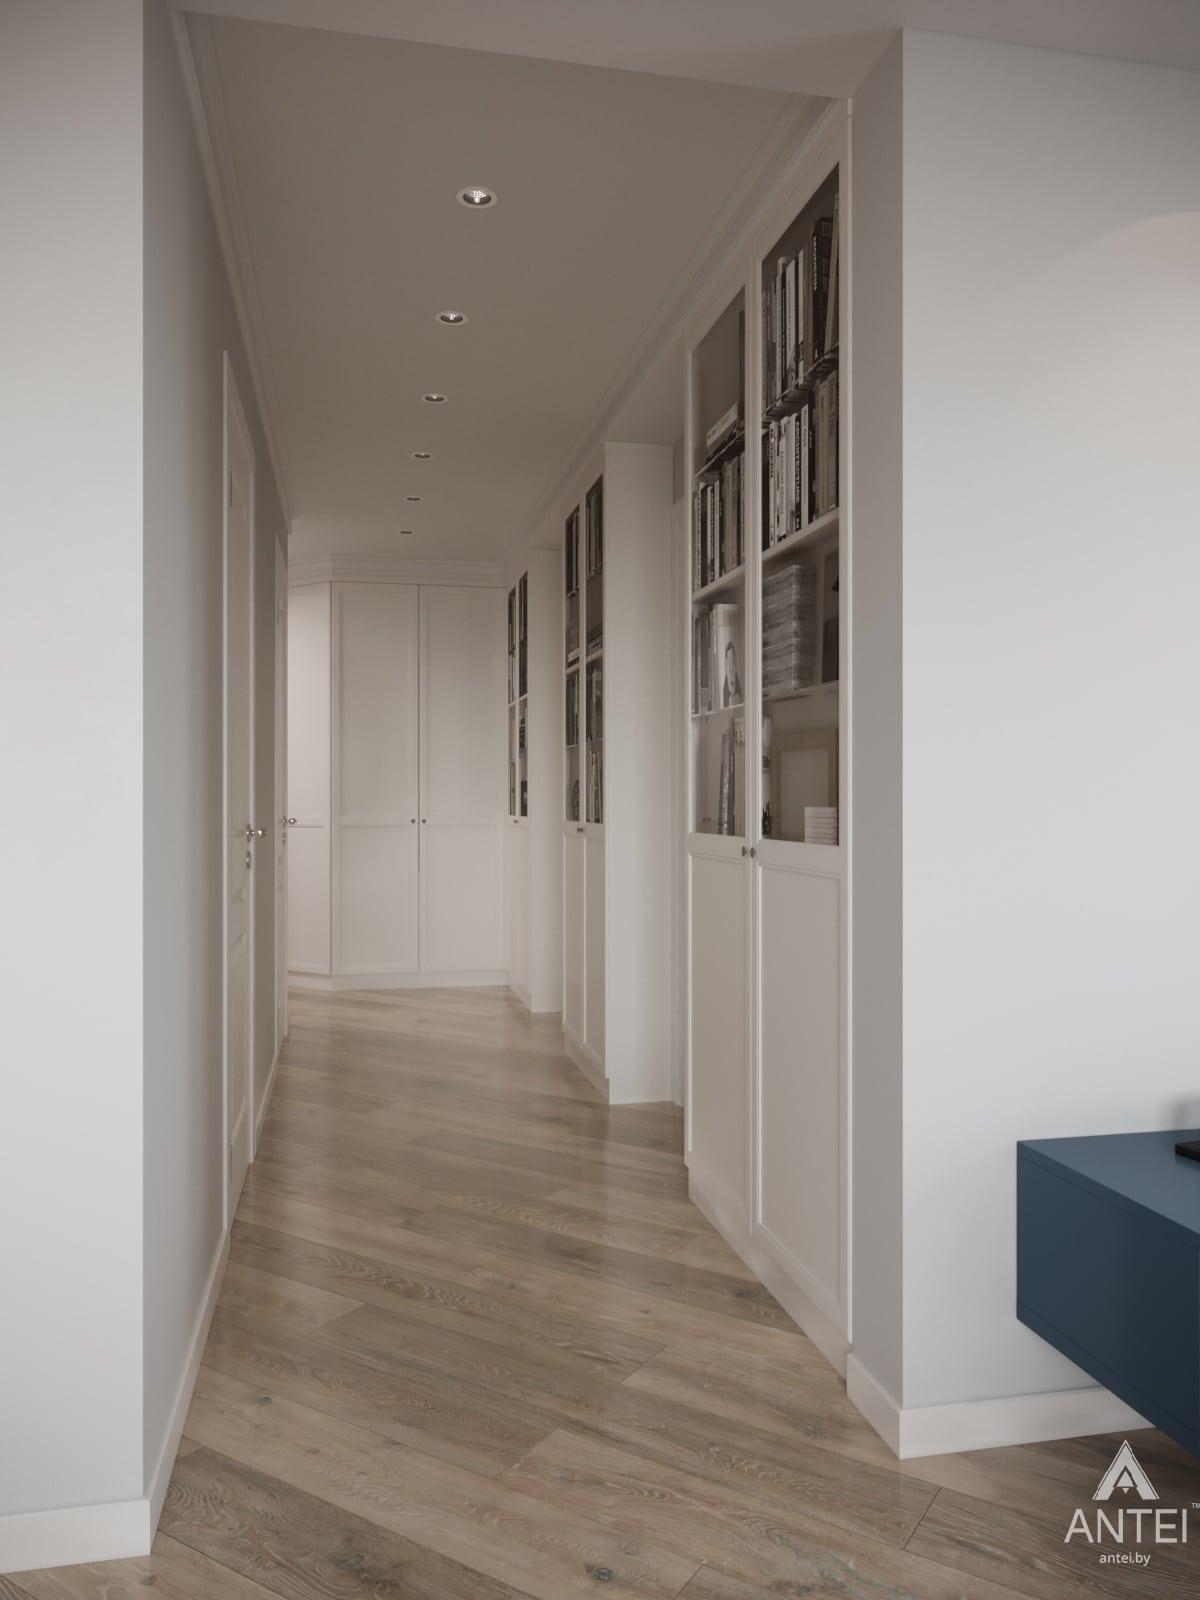 Дизайн интерьера трехкомнатной квартиры в Гомеле, ул. Бородина Т.С. - прихожая фото №1